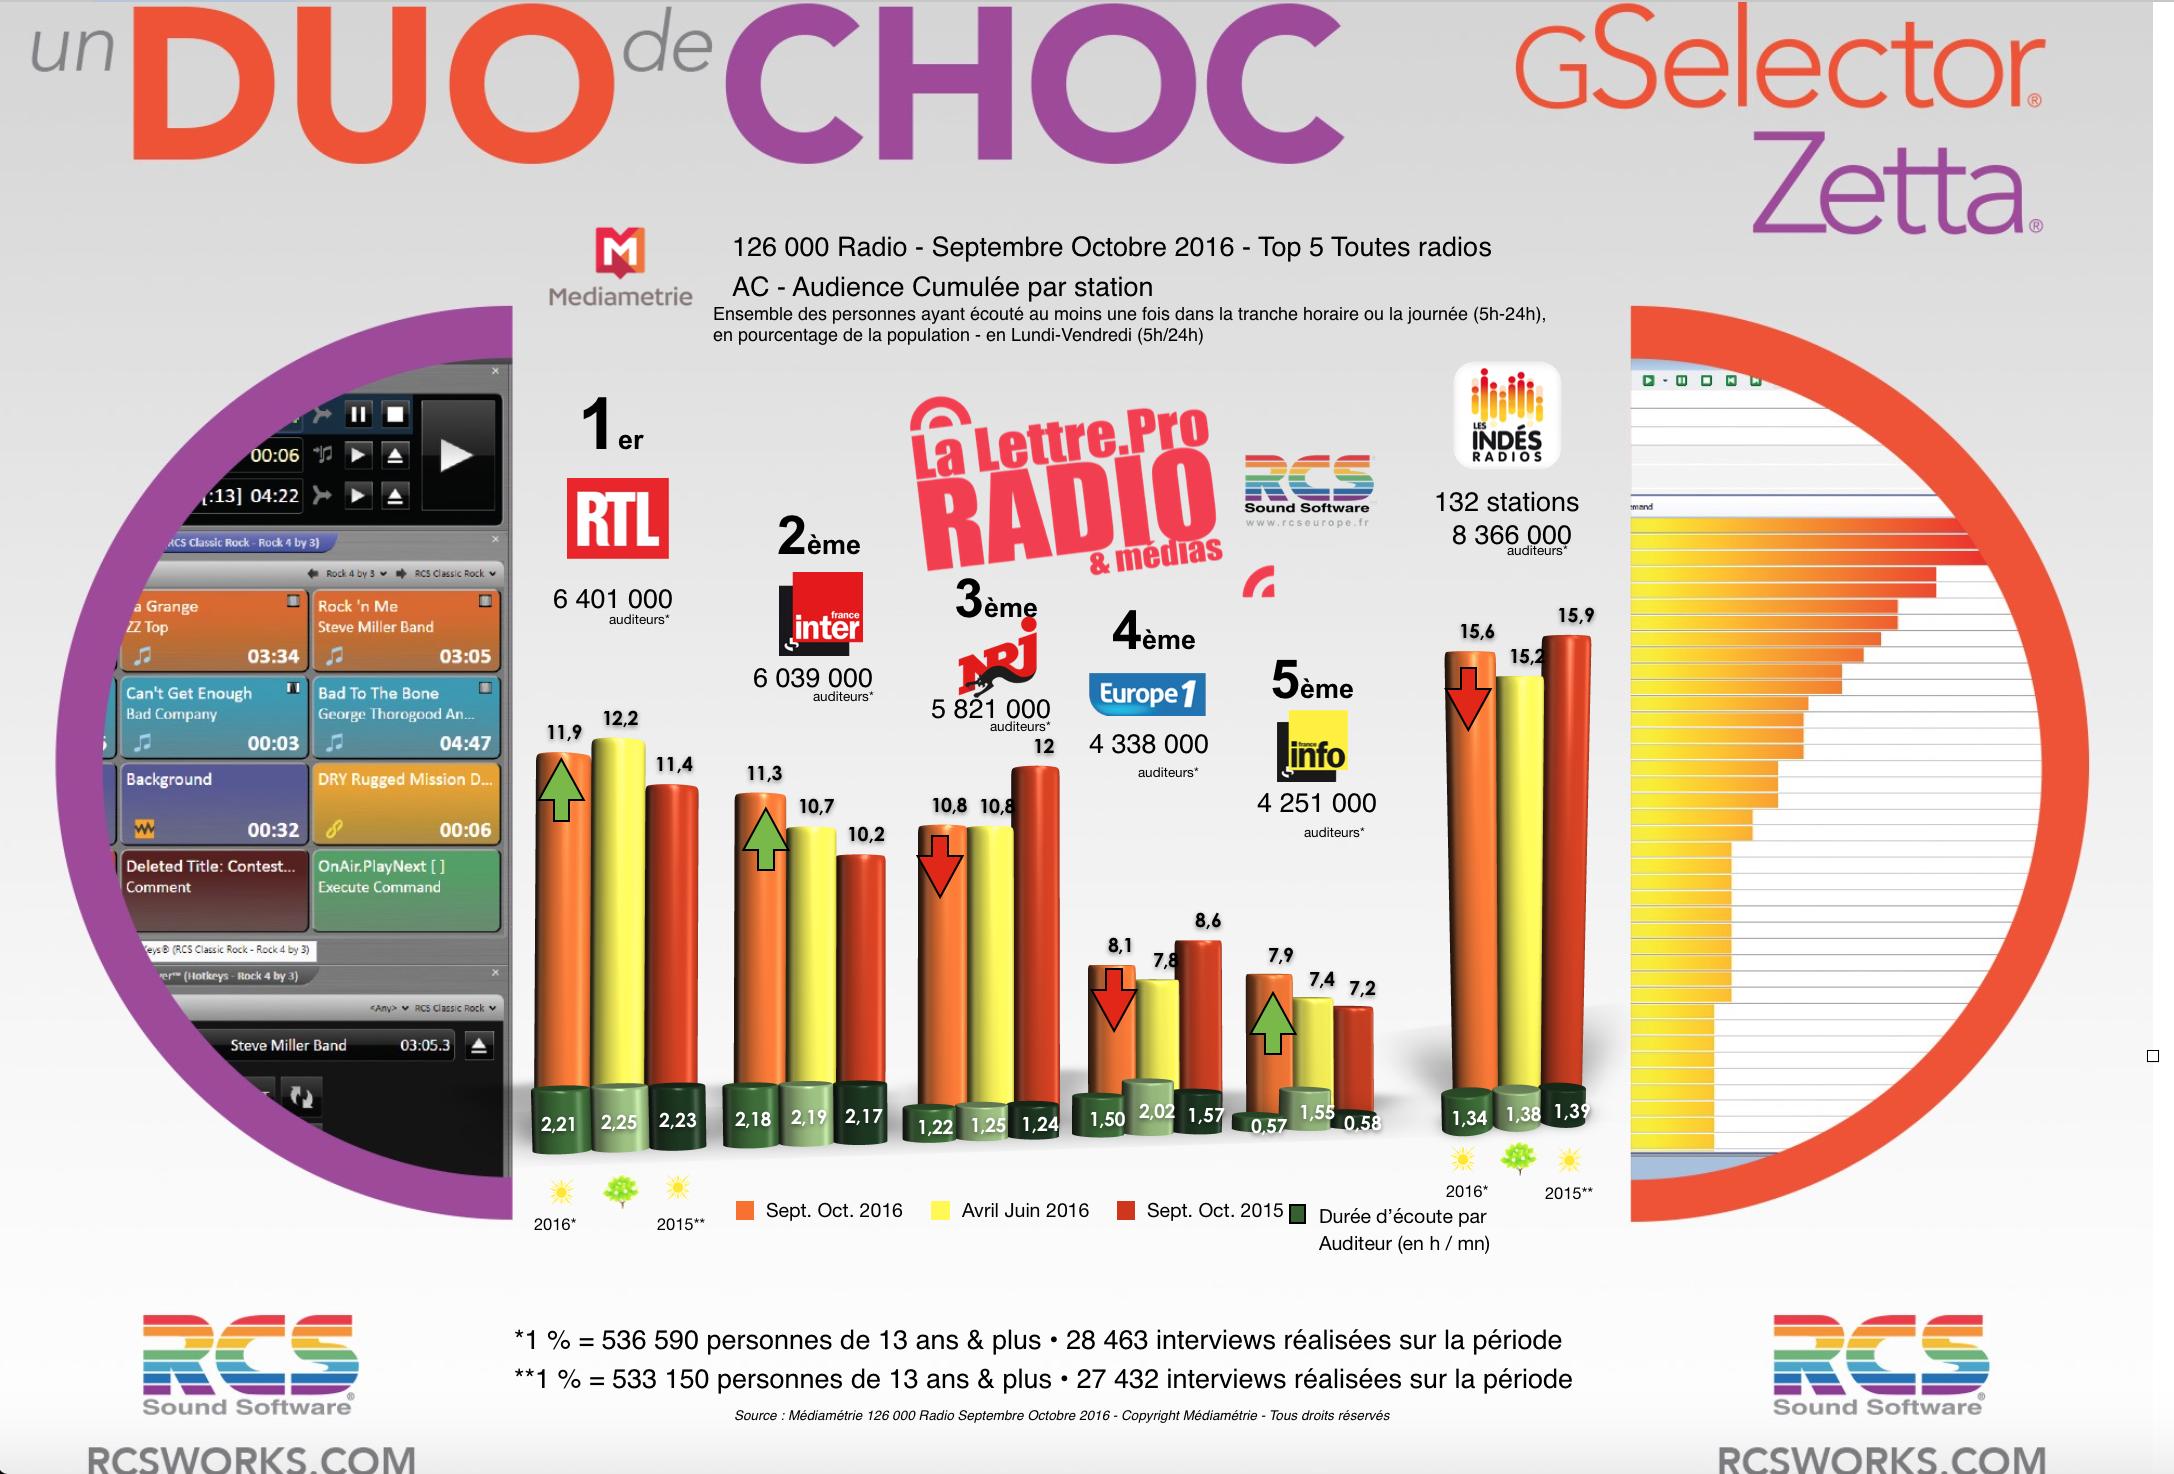 Diagramme exclusif LLP/RCS GSelector 4 - TOP 5 toutes radios confondues en Lundi-Vendredi - 126 000 Radio Septembre-Octobre 2016